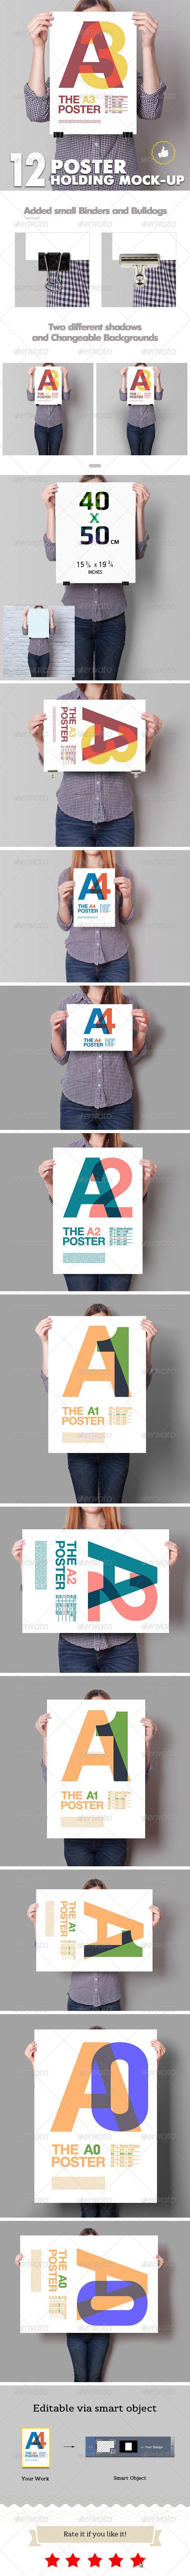 6 poster design photo mockups - Poster Mockup 12 Different Images